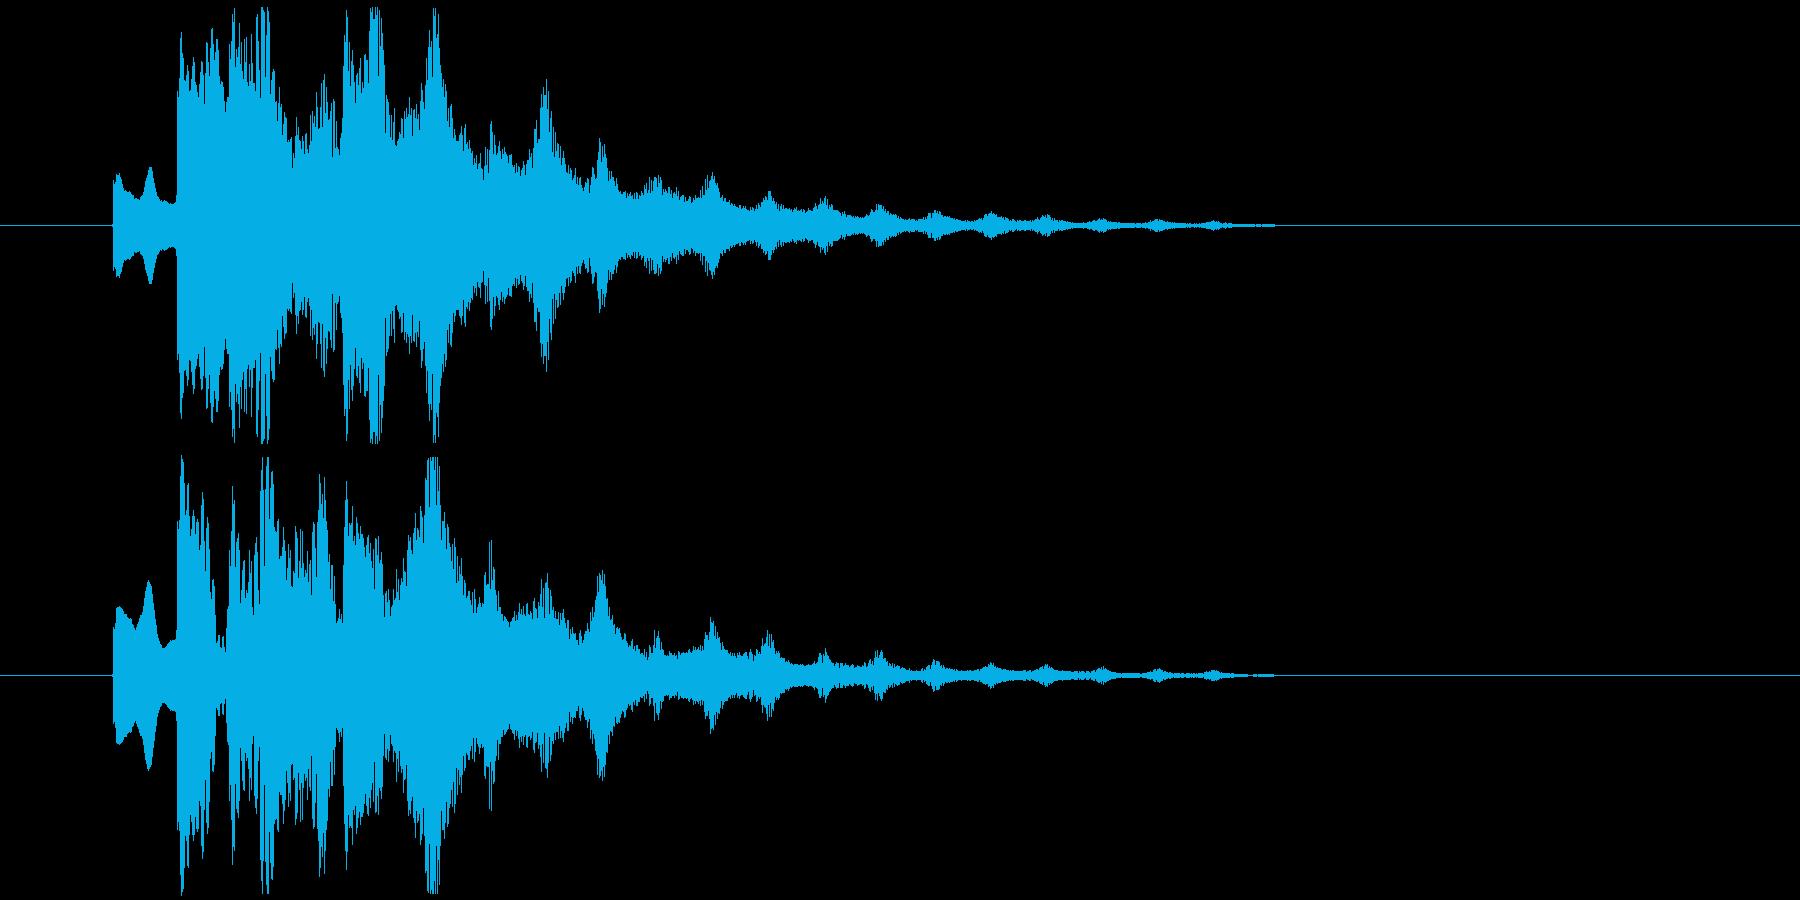 不気味なアルペジオ 11の再生済みの波形